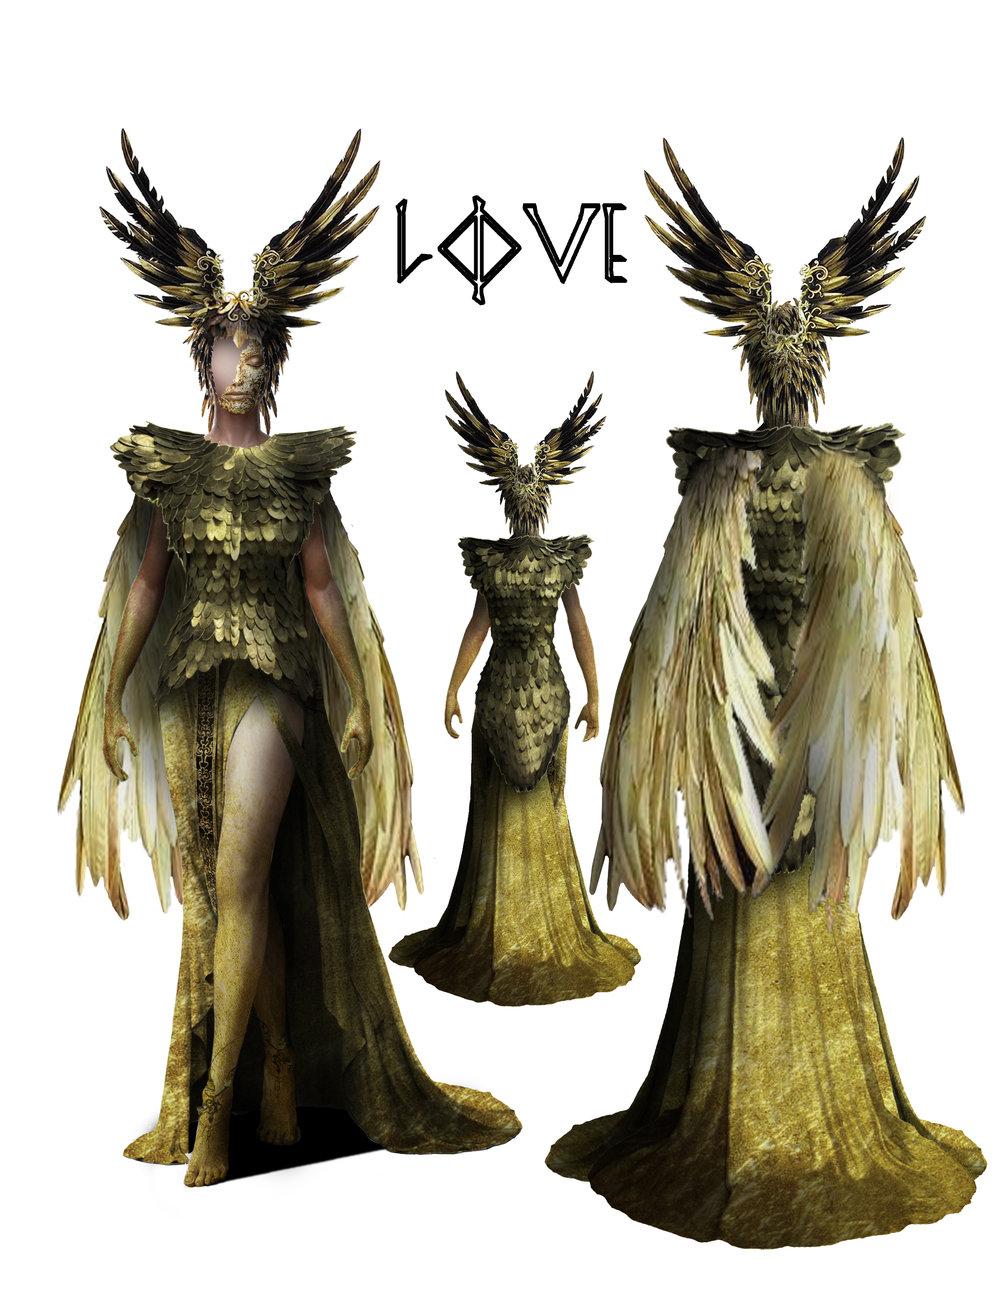 LOVE/FREYJA - Costume Design